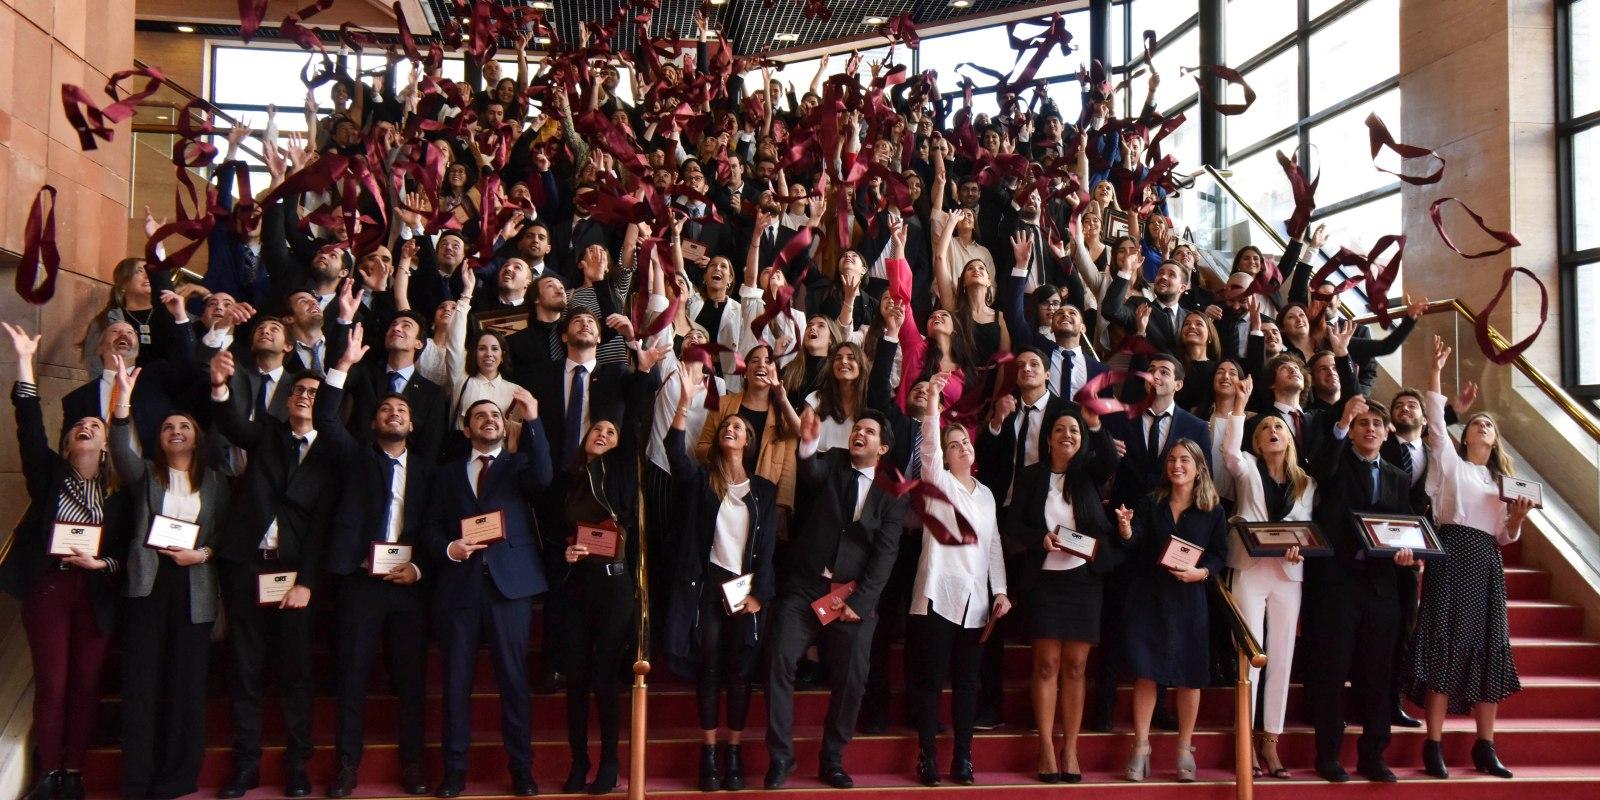 Graduación - El evento tuvo lugar el lunes 29 de abril de 2019 en el Auditorio Nacional del Sodre